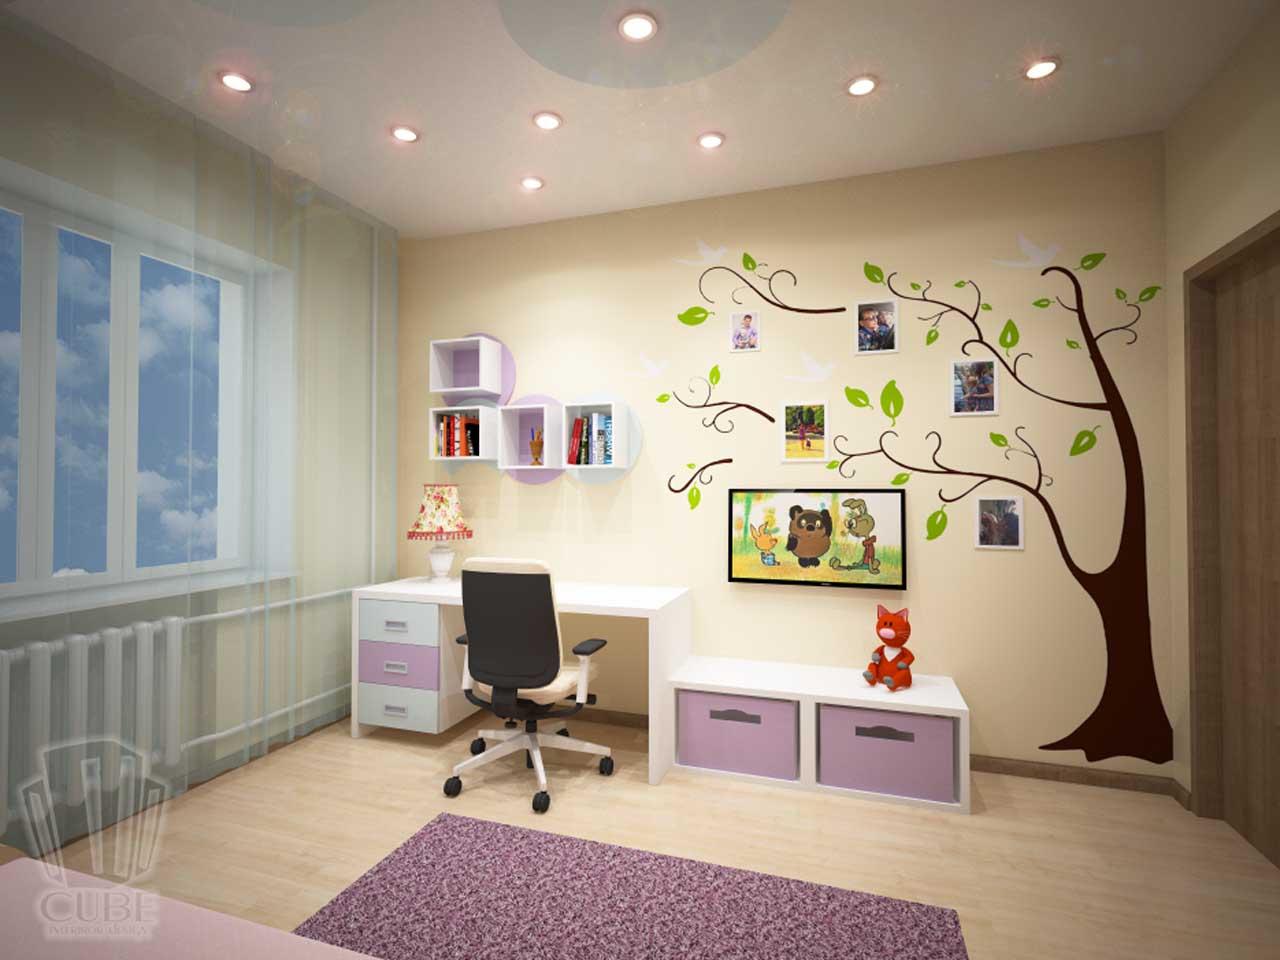 Дизайн-проект интерьера. Тюмень ул. Широтная д.158. Квартира для молодой семьи (1)